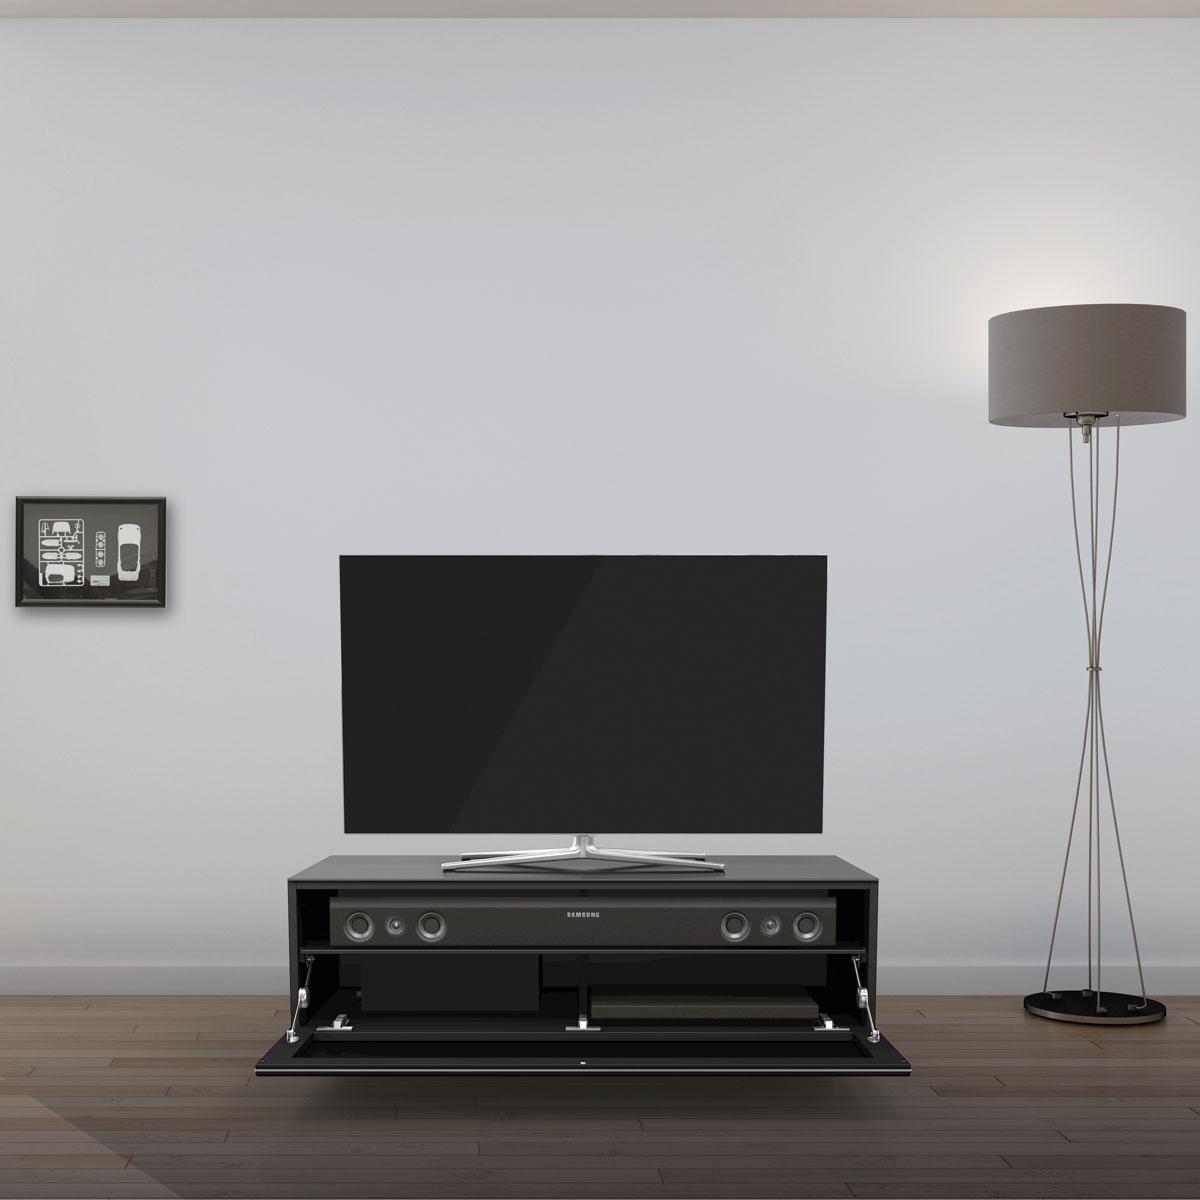 Verglastes TV Möbel. Möglichkeit der Soundbarintegration. Mit stoffbespannter Klappe. Modell JRL 1101S von Just Racks.